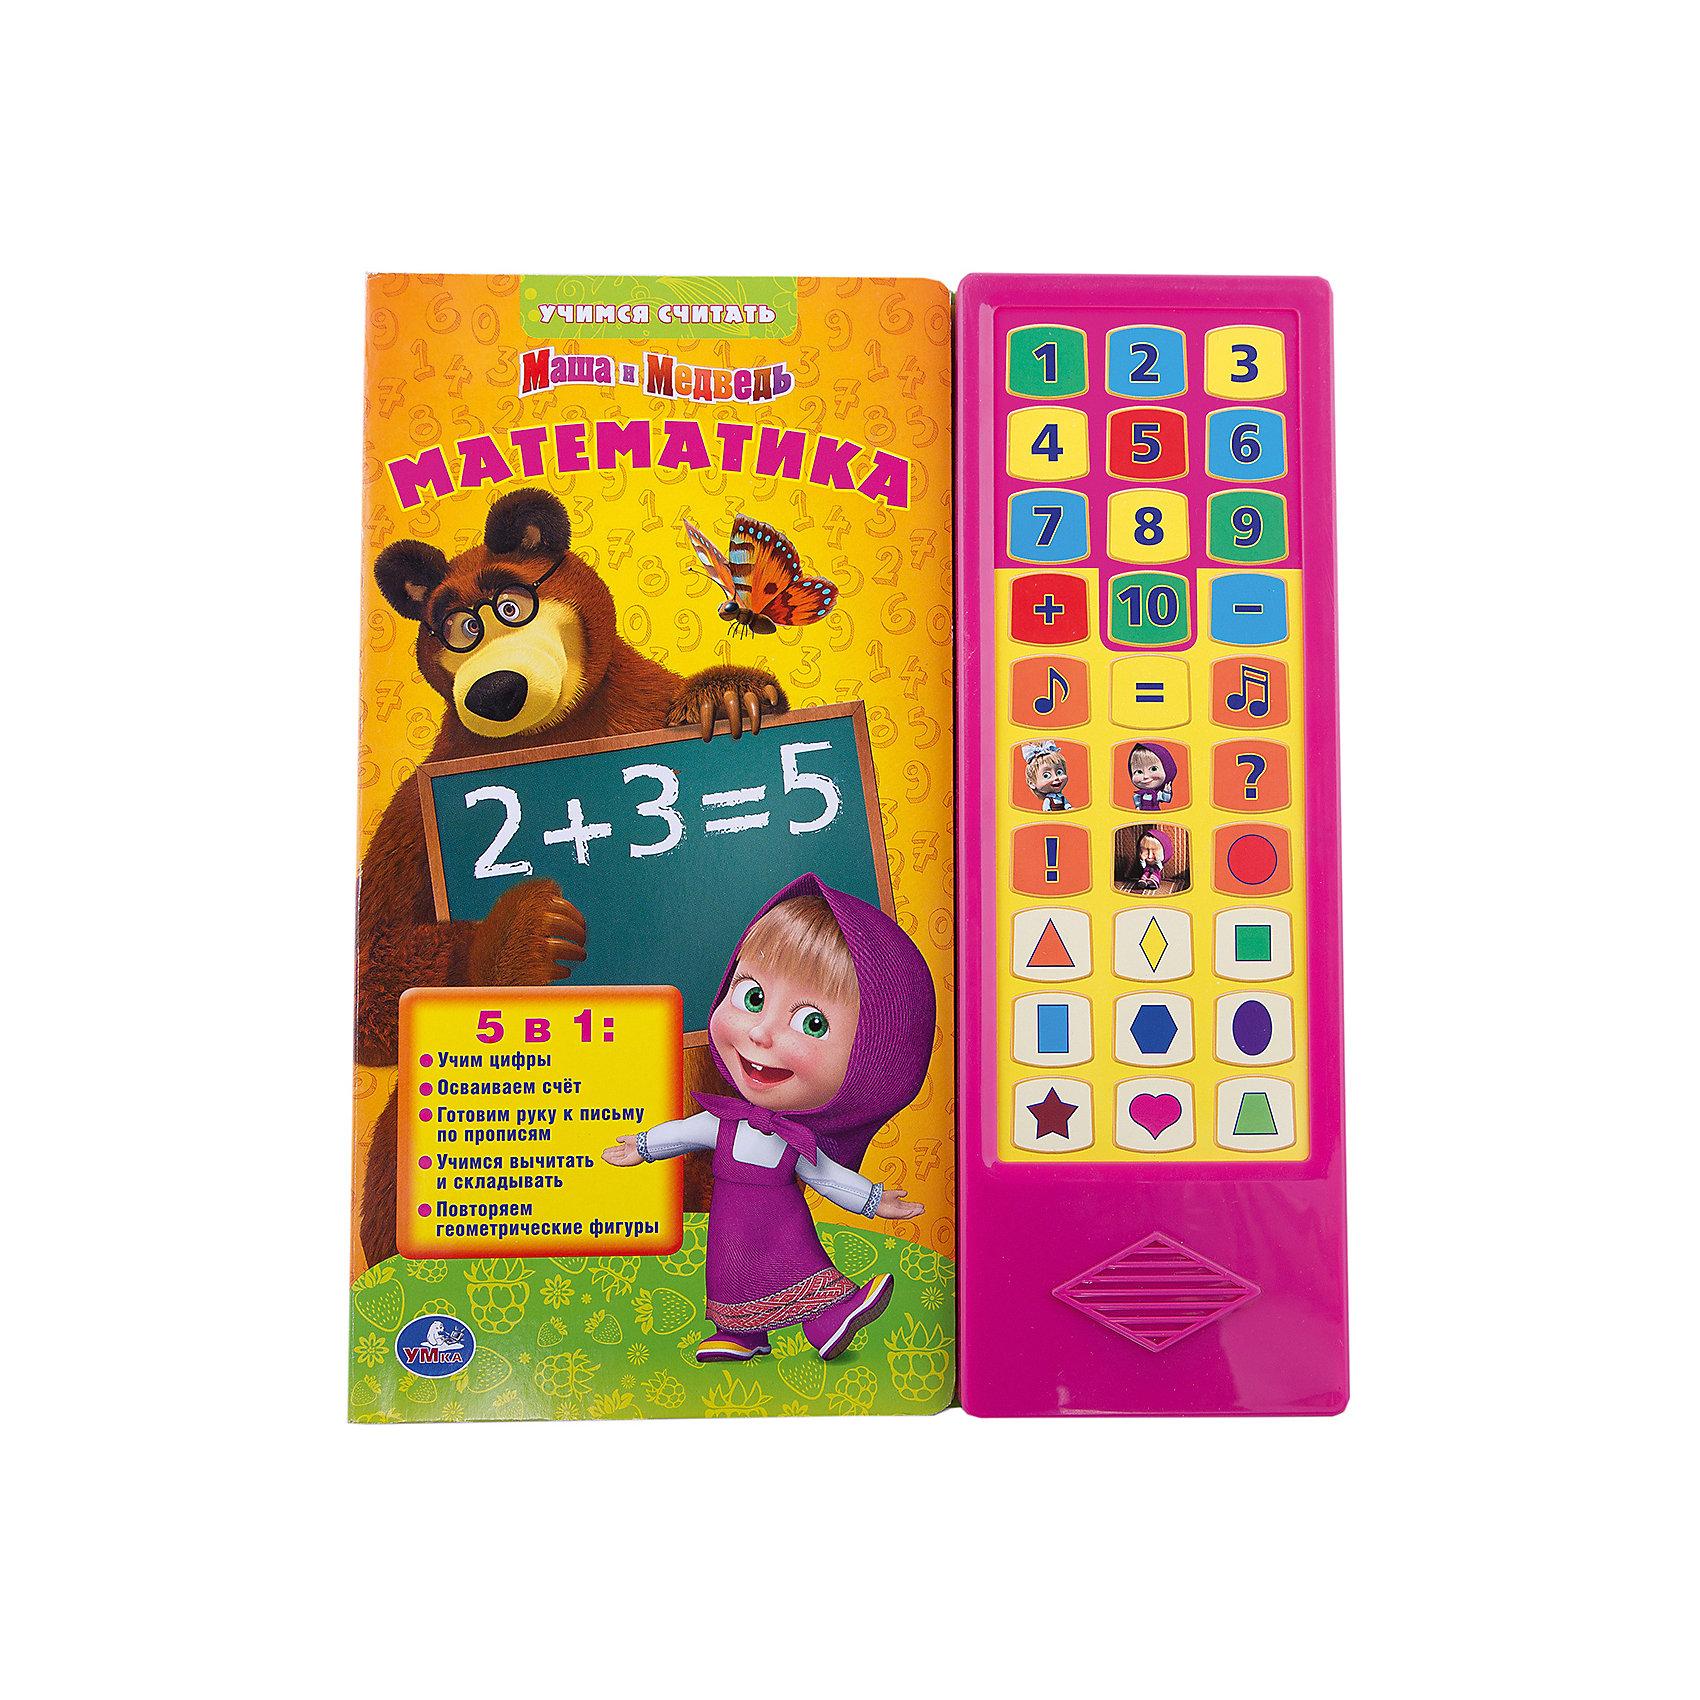 Книга с 30 кнопками Математика, Маша и МедведьПособия для обучения счёту<br>Книжка Математика, Маша и Медведь - замечательный подарок для малыша. Ведь все детки без исключения следят за приключениями озорной Машки и доброго Миши. С Машей изучение математики превращается в легкую и забавную игру. Математика - это настоящий электронный учебник, который в занимательной форме поможет подготовить Вашего ребенка к школе. Веселая на первый взгляд книжка поможет в освоении пяти важных навыков: выучить цифры, освоить счет, подготовить руку к письму, учиться вычитать и складывать, повторить геометрические фигуры. Сначала повторите цифры и счет до 20, а затем перейдите к изучению сложения и вычитания. Обучающие задания основаны на перспективных современных методиках обучения дошкольников. Учитесь и выселитесь вместе с Машей и Медведем!<br><br>Дополнительная информация:<br><br>- Количество страниц:16;<br>- Помогает подготовиться к школе;<br>- Легкое изучение математики;<br>- 30 звуковых кнопок;<br>- Чудный подарок для юных поклонников мультфильма Маша и Медведь;<br>- Книга красочно оформлена, а странички очень плотные и долговечные;<br>- Твердая обложка;<br>- Яркие иллюстрации;<br>- Размер: 25,4 х 29,5 см;<br>- Вес: 710 г<br><br>Книжку Математика, Маша и Медведь,  можно купить в нашем интернет-магазине.<br><br>Ширина мм: 250<br>Глубина мм: 20<br>Высота мм: 300<br>Вес г: 710<br>Возраст от месяцев: 12<br>Возраст до месяцев: 60<br>Пол: Унисекс<br>Возраст: Детский<br>SKU: 3801101